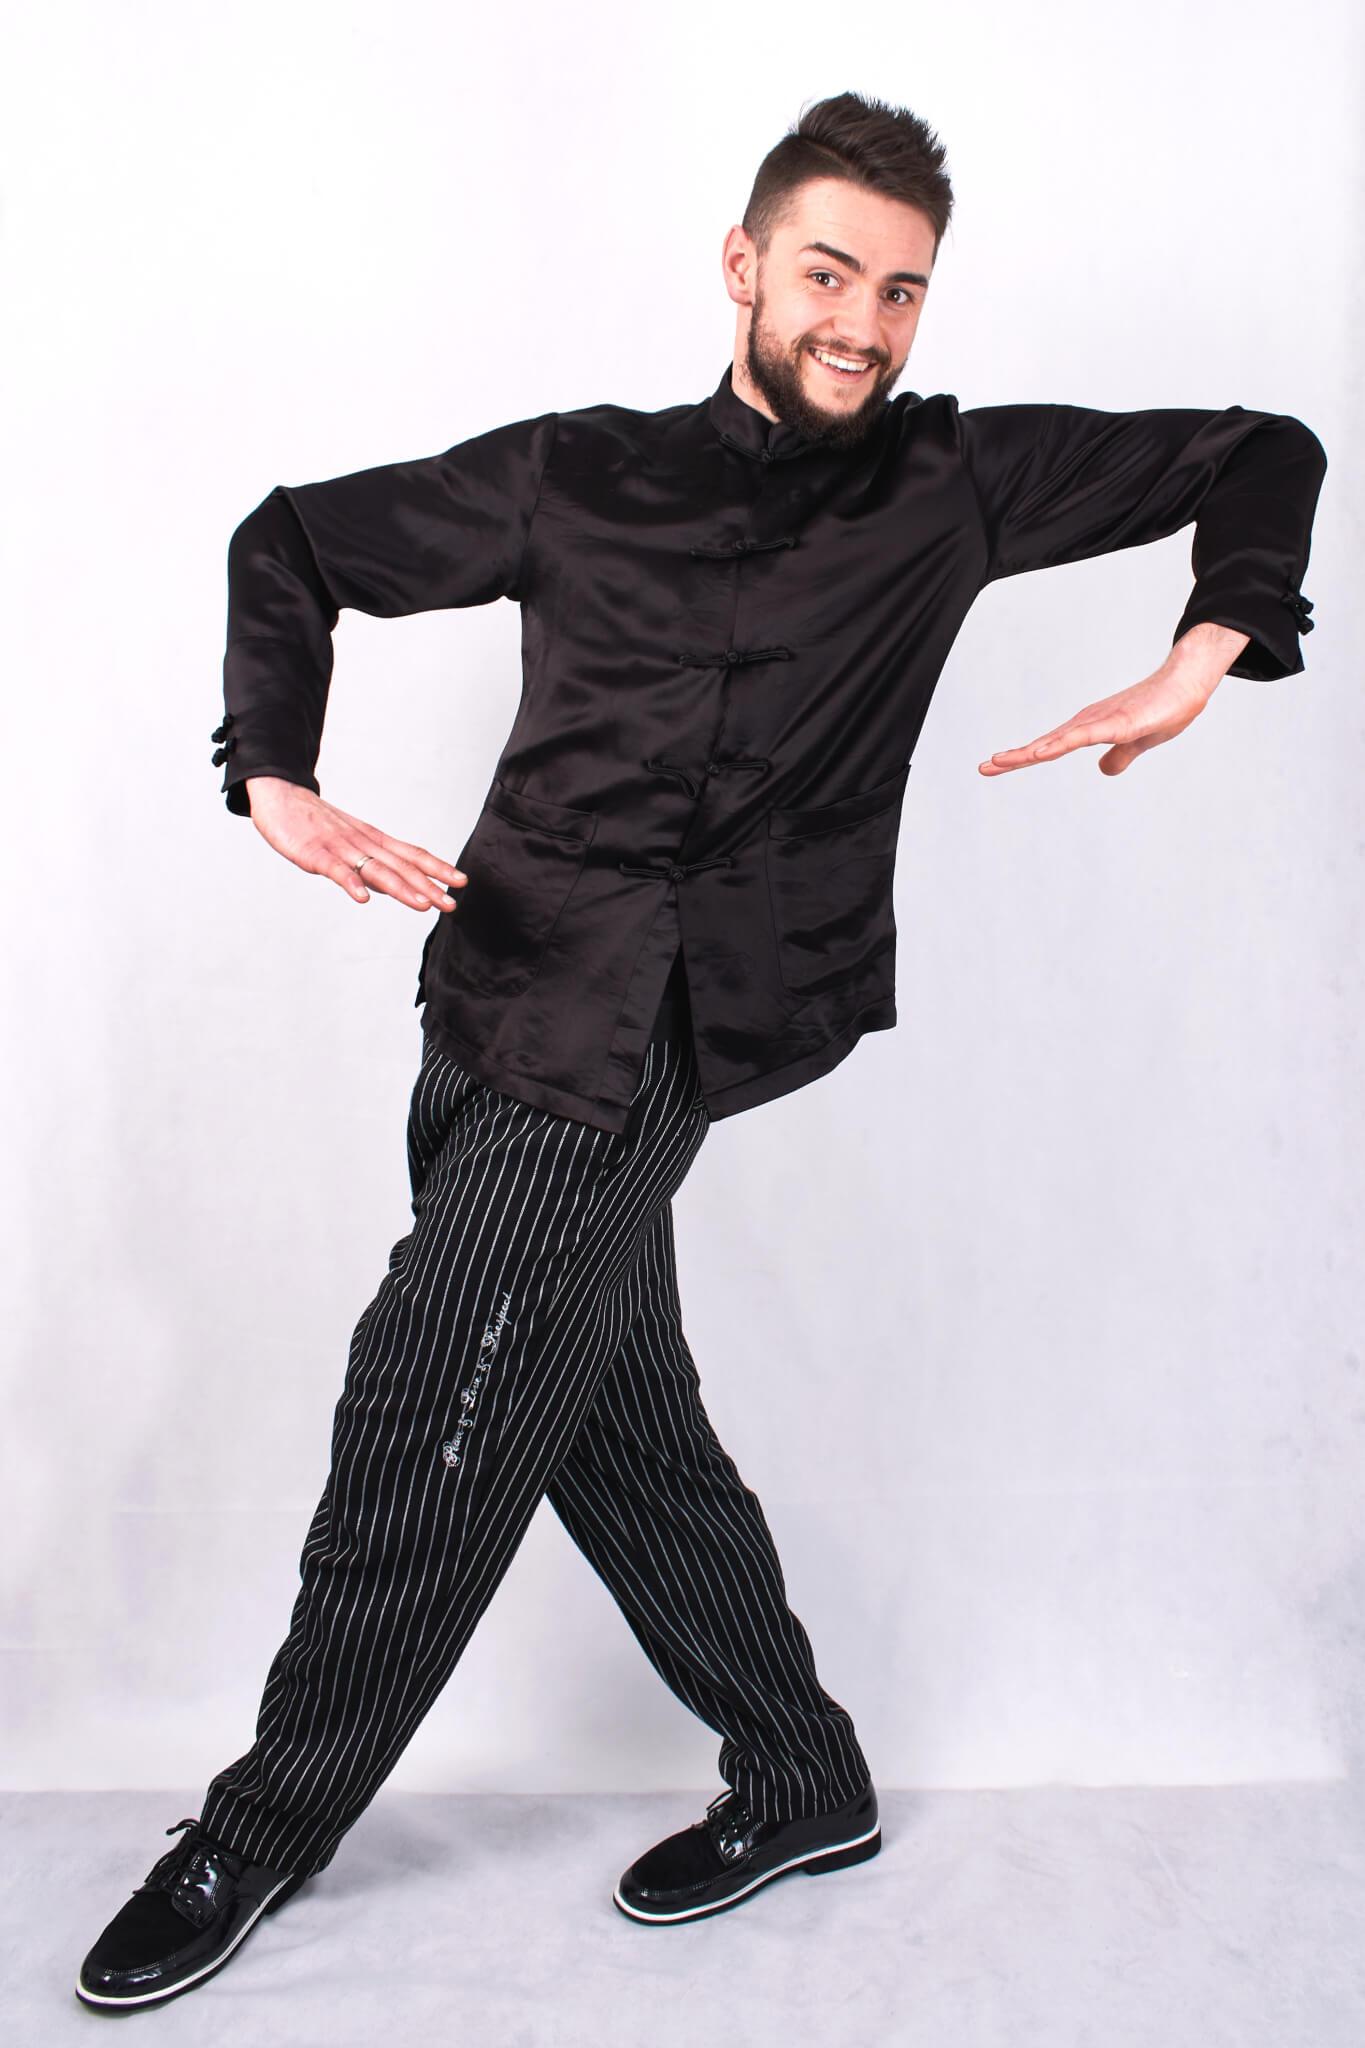 """Optymistycznie nastawiony do świata oraz pasjonacko do tańca, dąży do postawionych sobie celów. To w wieku 15 lat zaczął swoją przygodę taneczną, począwszy od """"Tańca towarzyskiego"""" przechodząc przez """"Jump Style"""", doszedłszy do stylu tanecznego, jakim jest """"Popping"""", który jest jego stylem wiodącym. Swoim optymizmem oraz pracowitością zaraża ludzi na warsztatach tanecznych, które prowadzi w Polsce jak i za jej granicami. Nałogowy turysta z czego wynikają jego częste wyjazdy na zawody, na których niejednokrotnie zajmował miejsce na podium, a także egzotyczne podróże do Japonii, którą fascynuje się na co dzień i czerpie z niej inspiracje. Ponadto świetnie odnajduje się na deskach teatru, gdzie gra rolę zarówno tancerza jak i aktora podczas spektakli. Uczył się u najlepszych instruktorów i choreografów takich jak: Mr Wiggles, Bionic Man, Gucchon, Jr. Boogaloo, Venom, Jo Dance, Sally Sly, Tiro, Ness, MonstaPop, MegaMan, Baturo, Temps"""